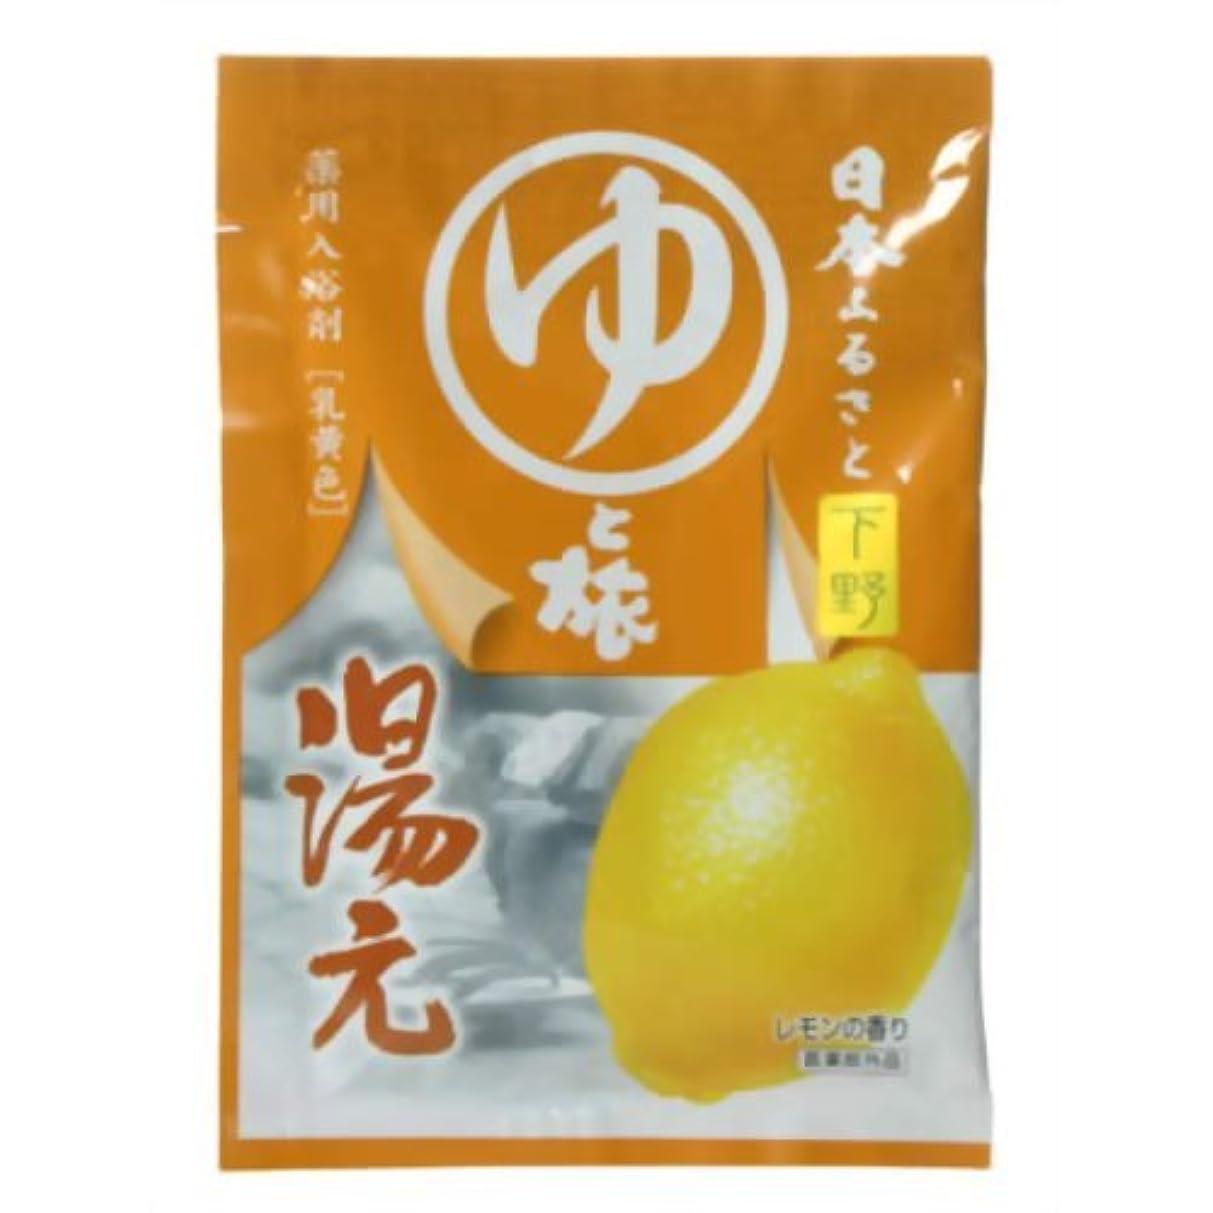 代数的震え歌手ヤマサキの入浴剤シリーズ 湯元(入浴剤)